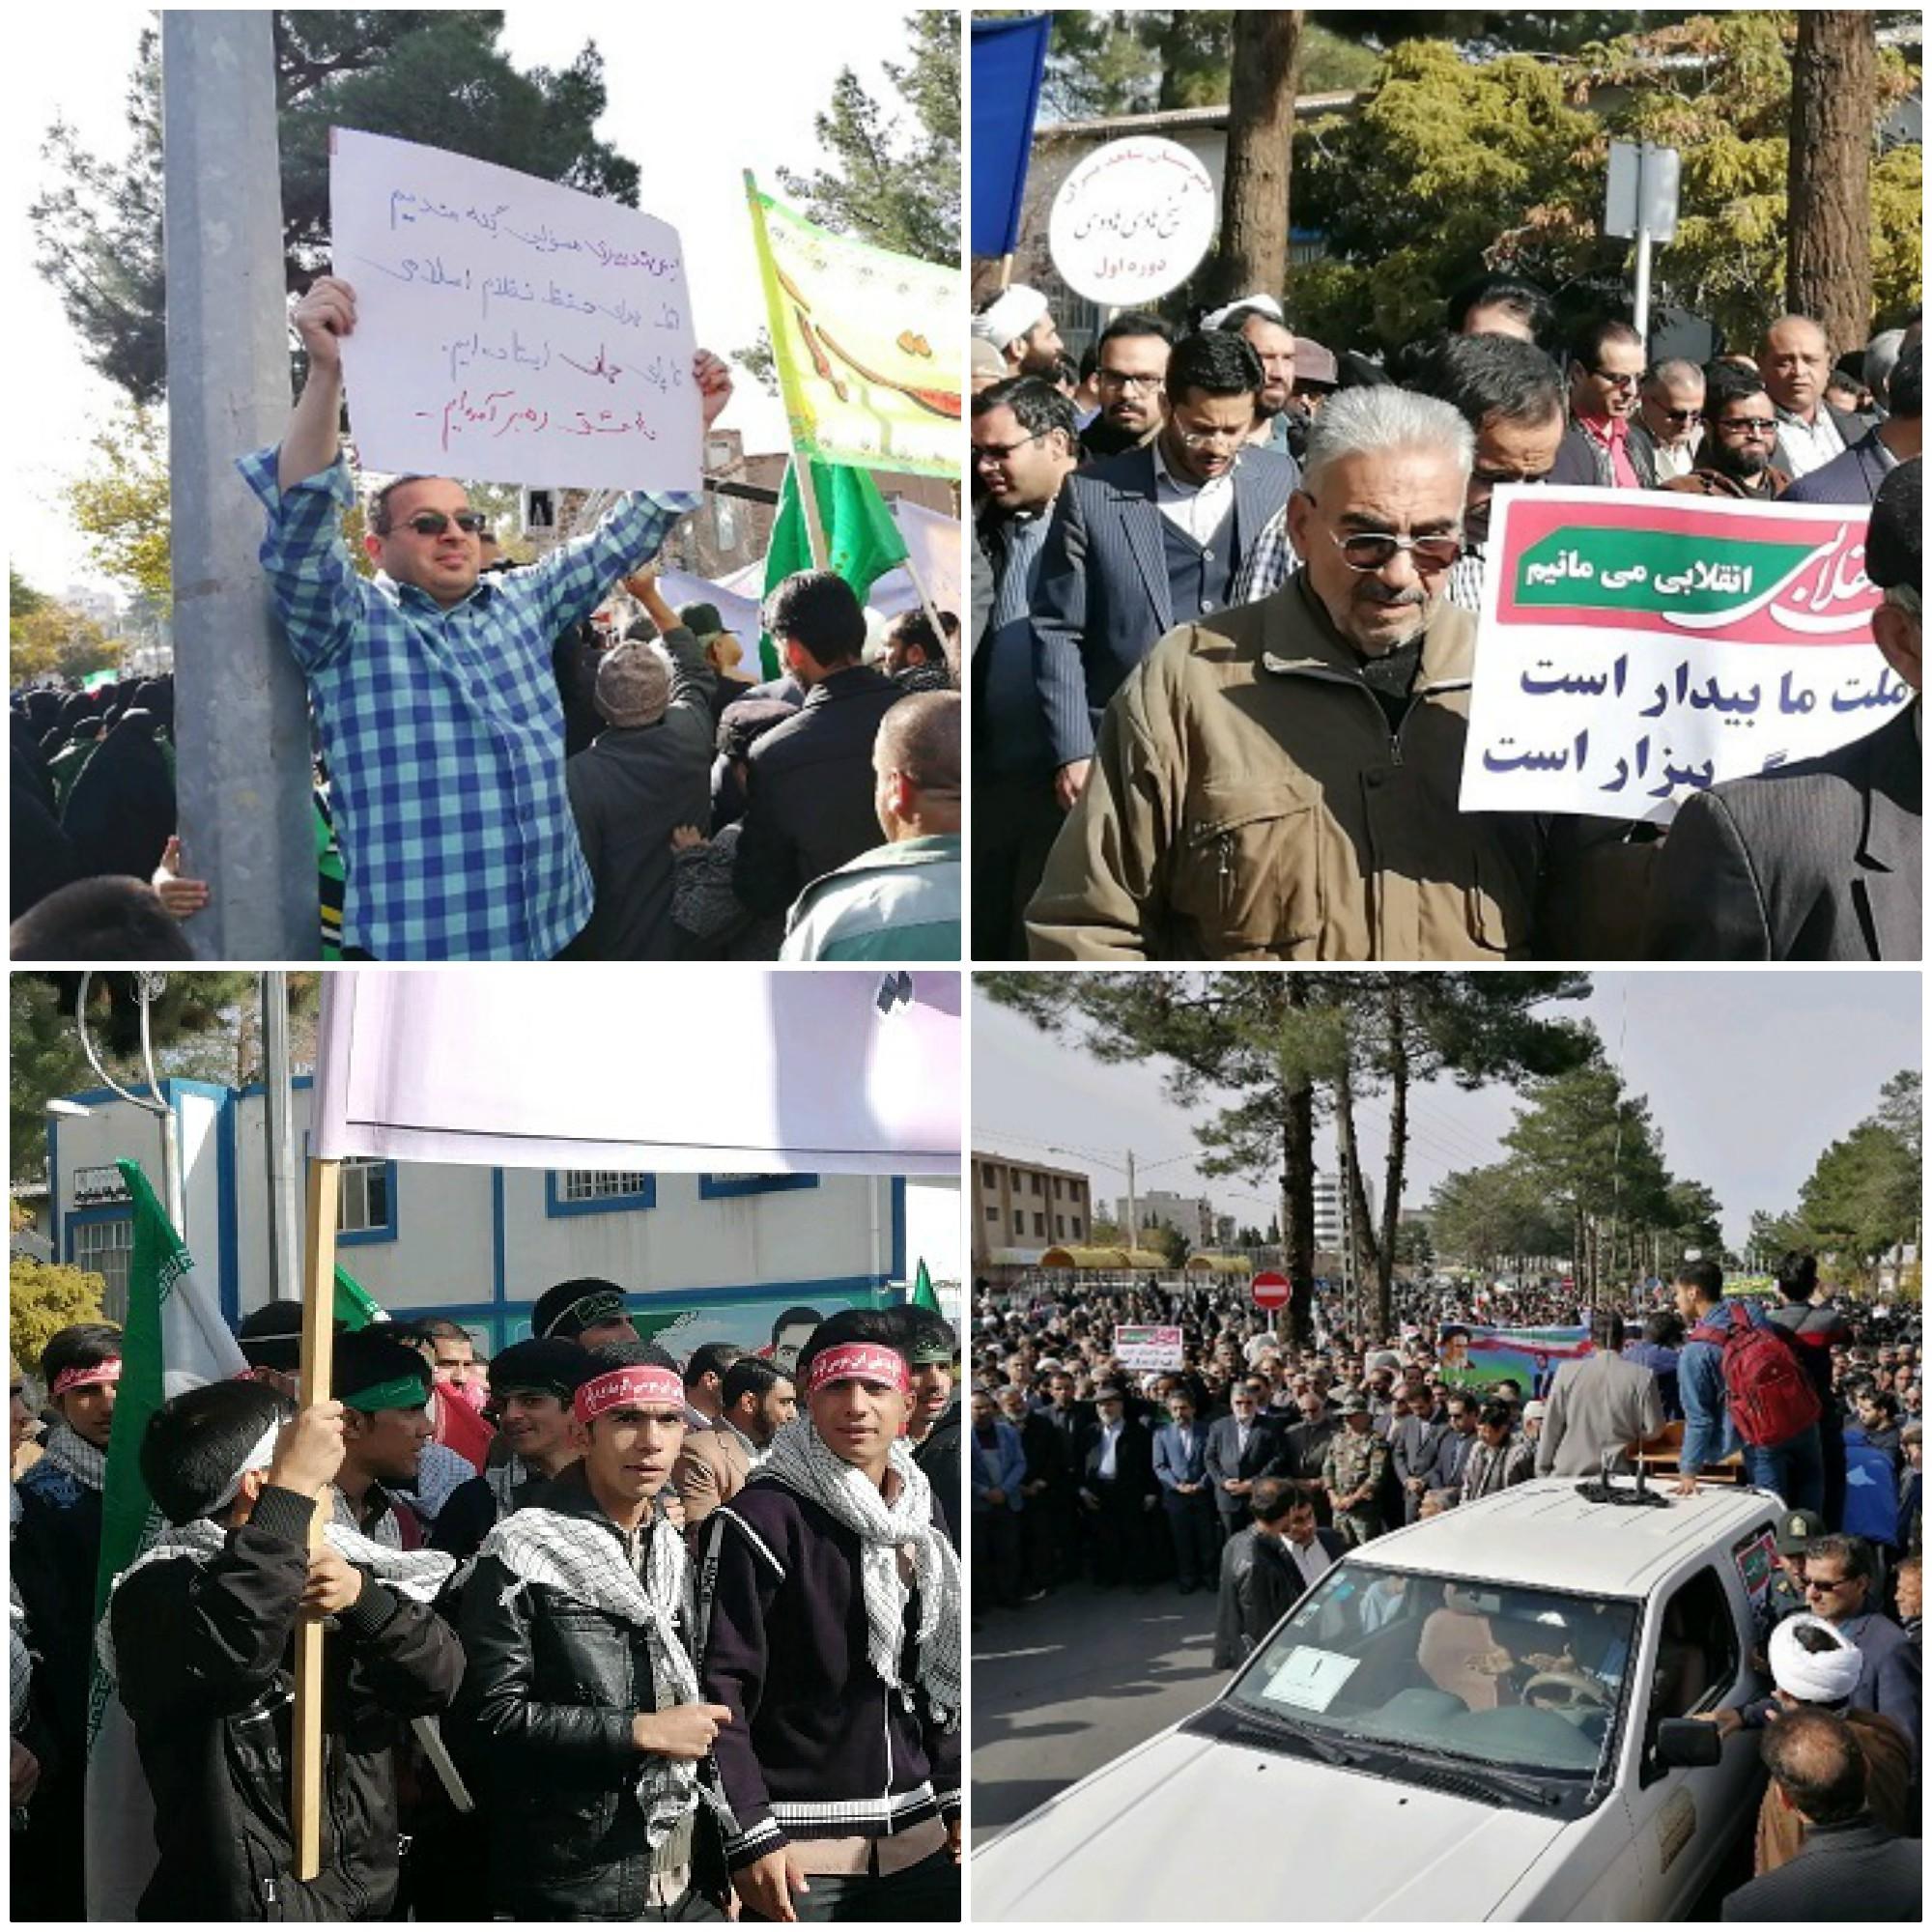 دفاع مردم از نظام جمهوری اسلامی + تصاویر